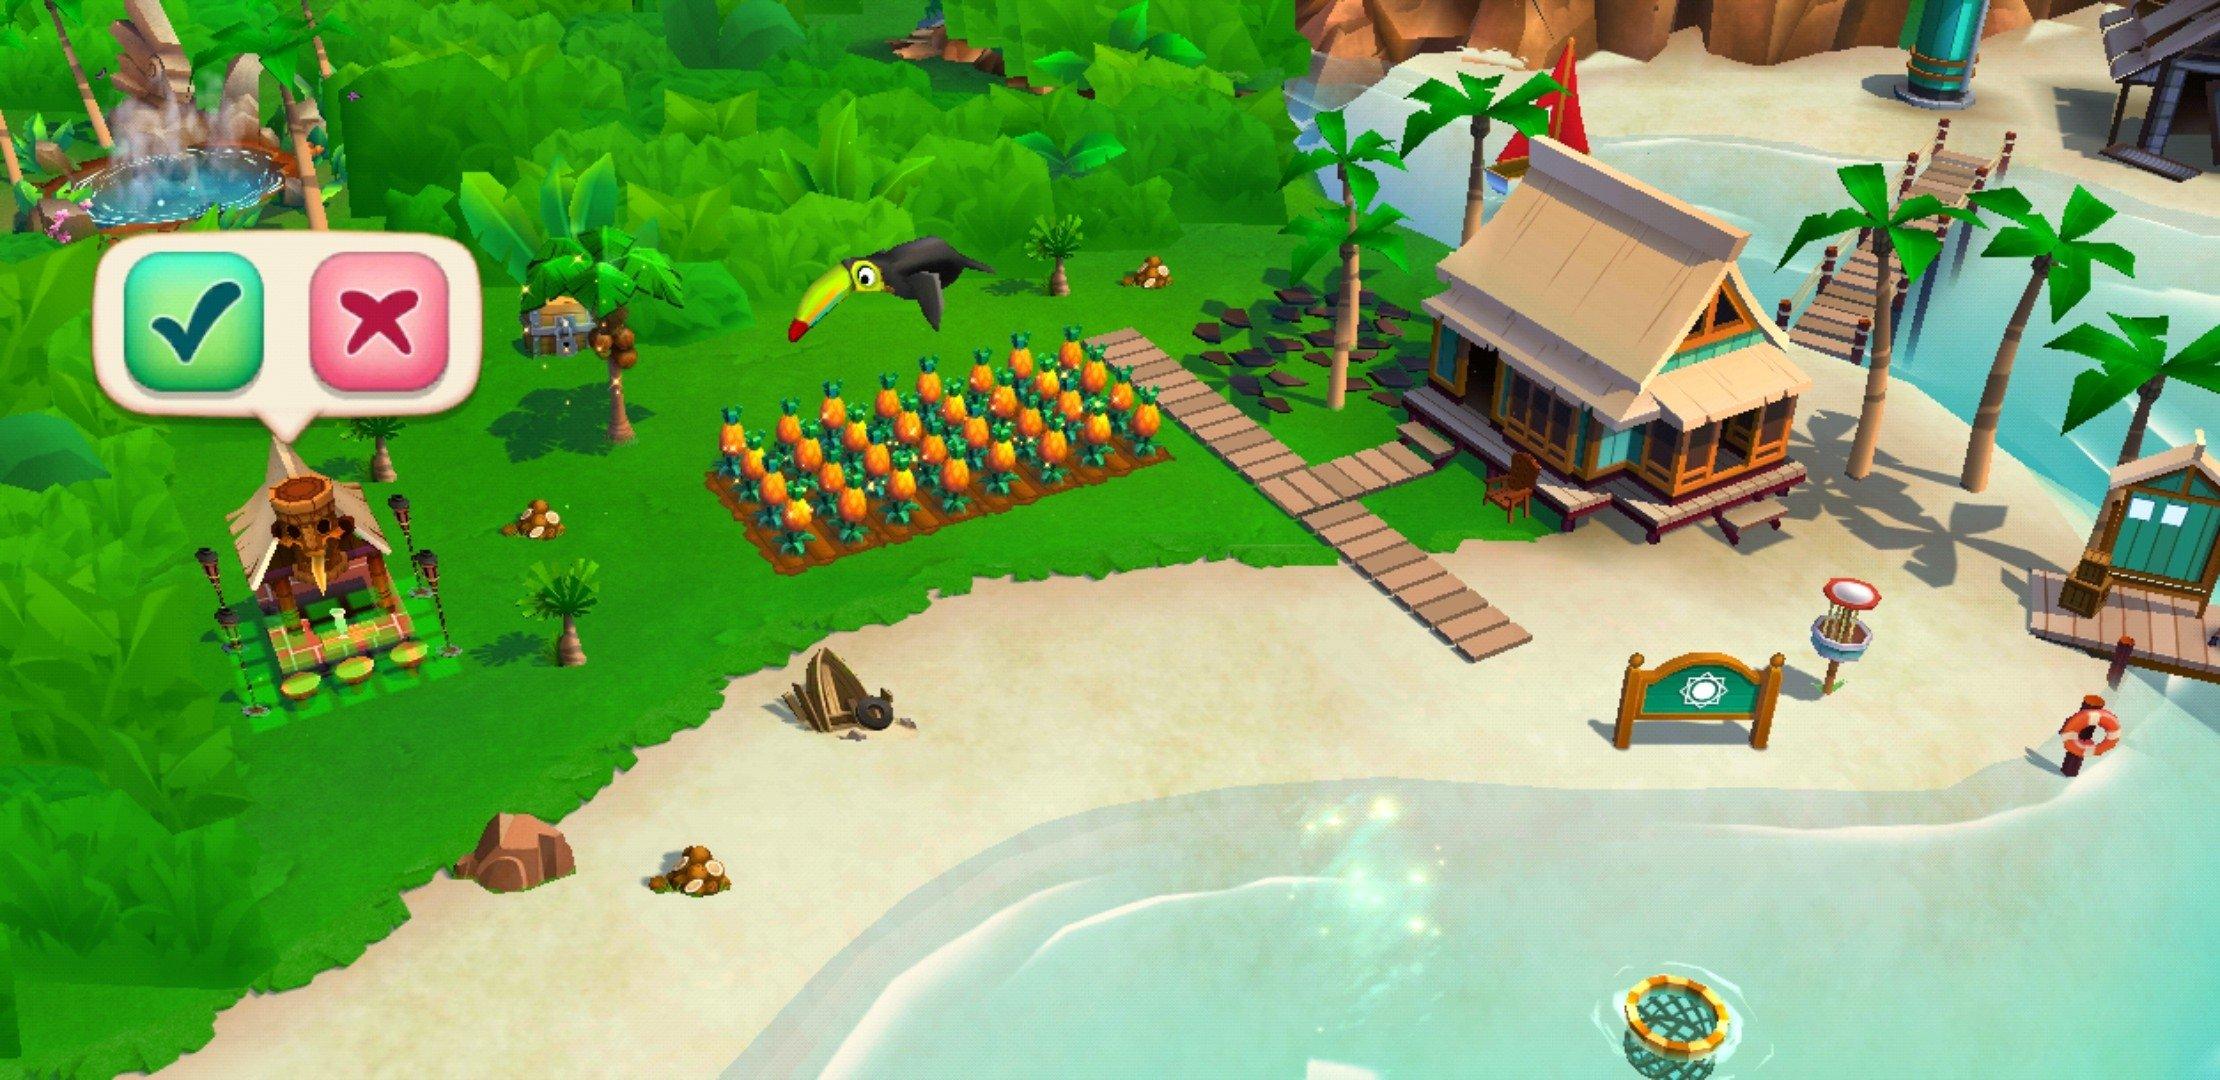 FarmVille: Tropic Escape Android image 5